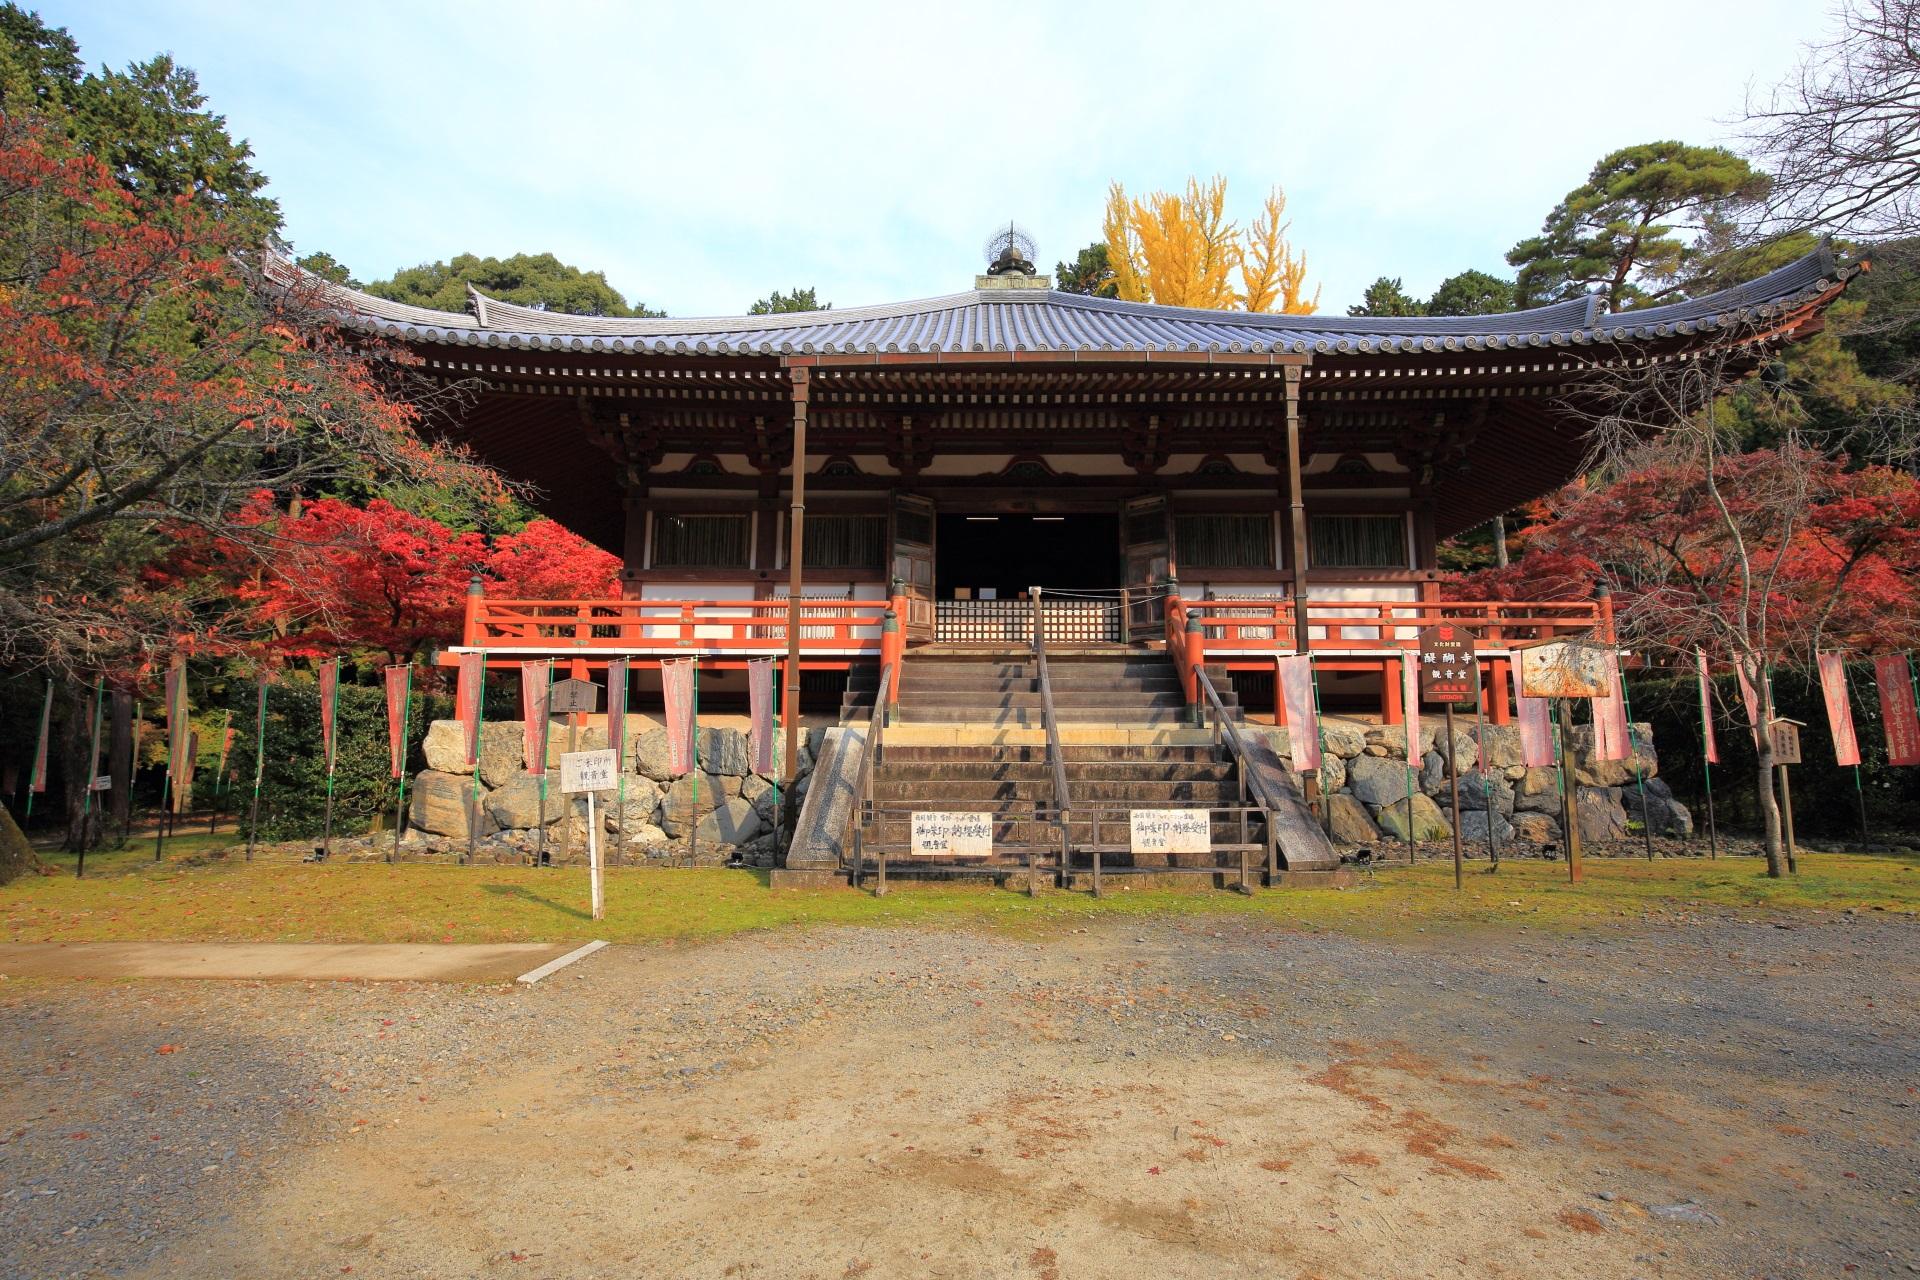 周囲を紅葉が華やぐ醍醐寺の観音堂